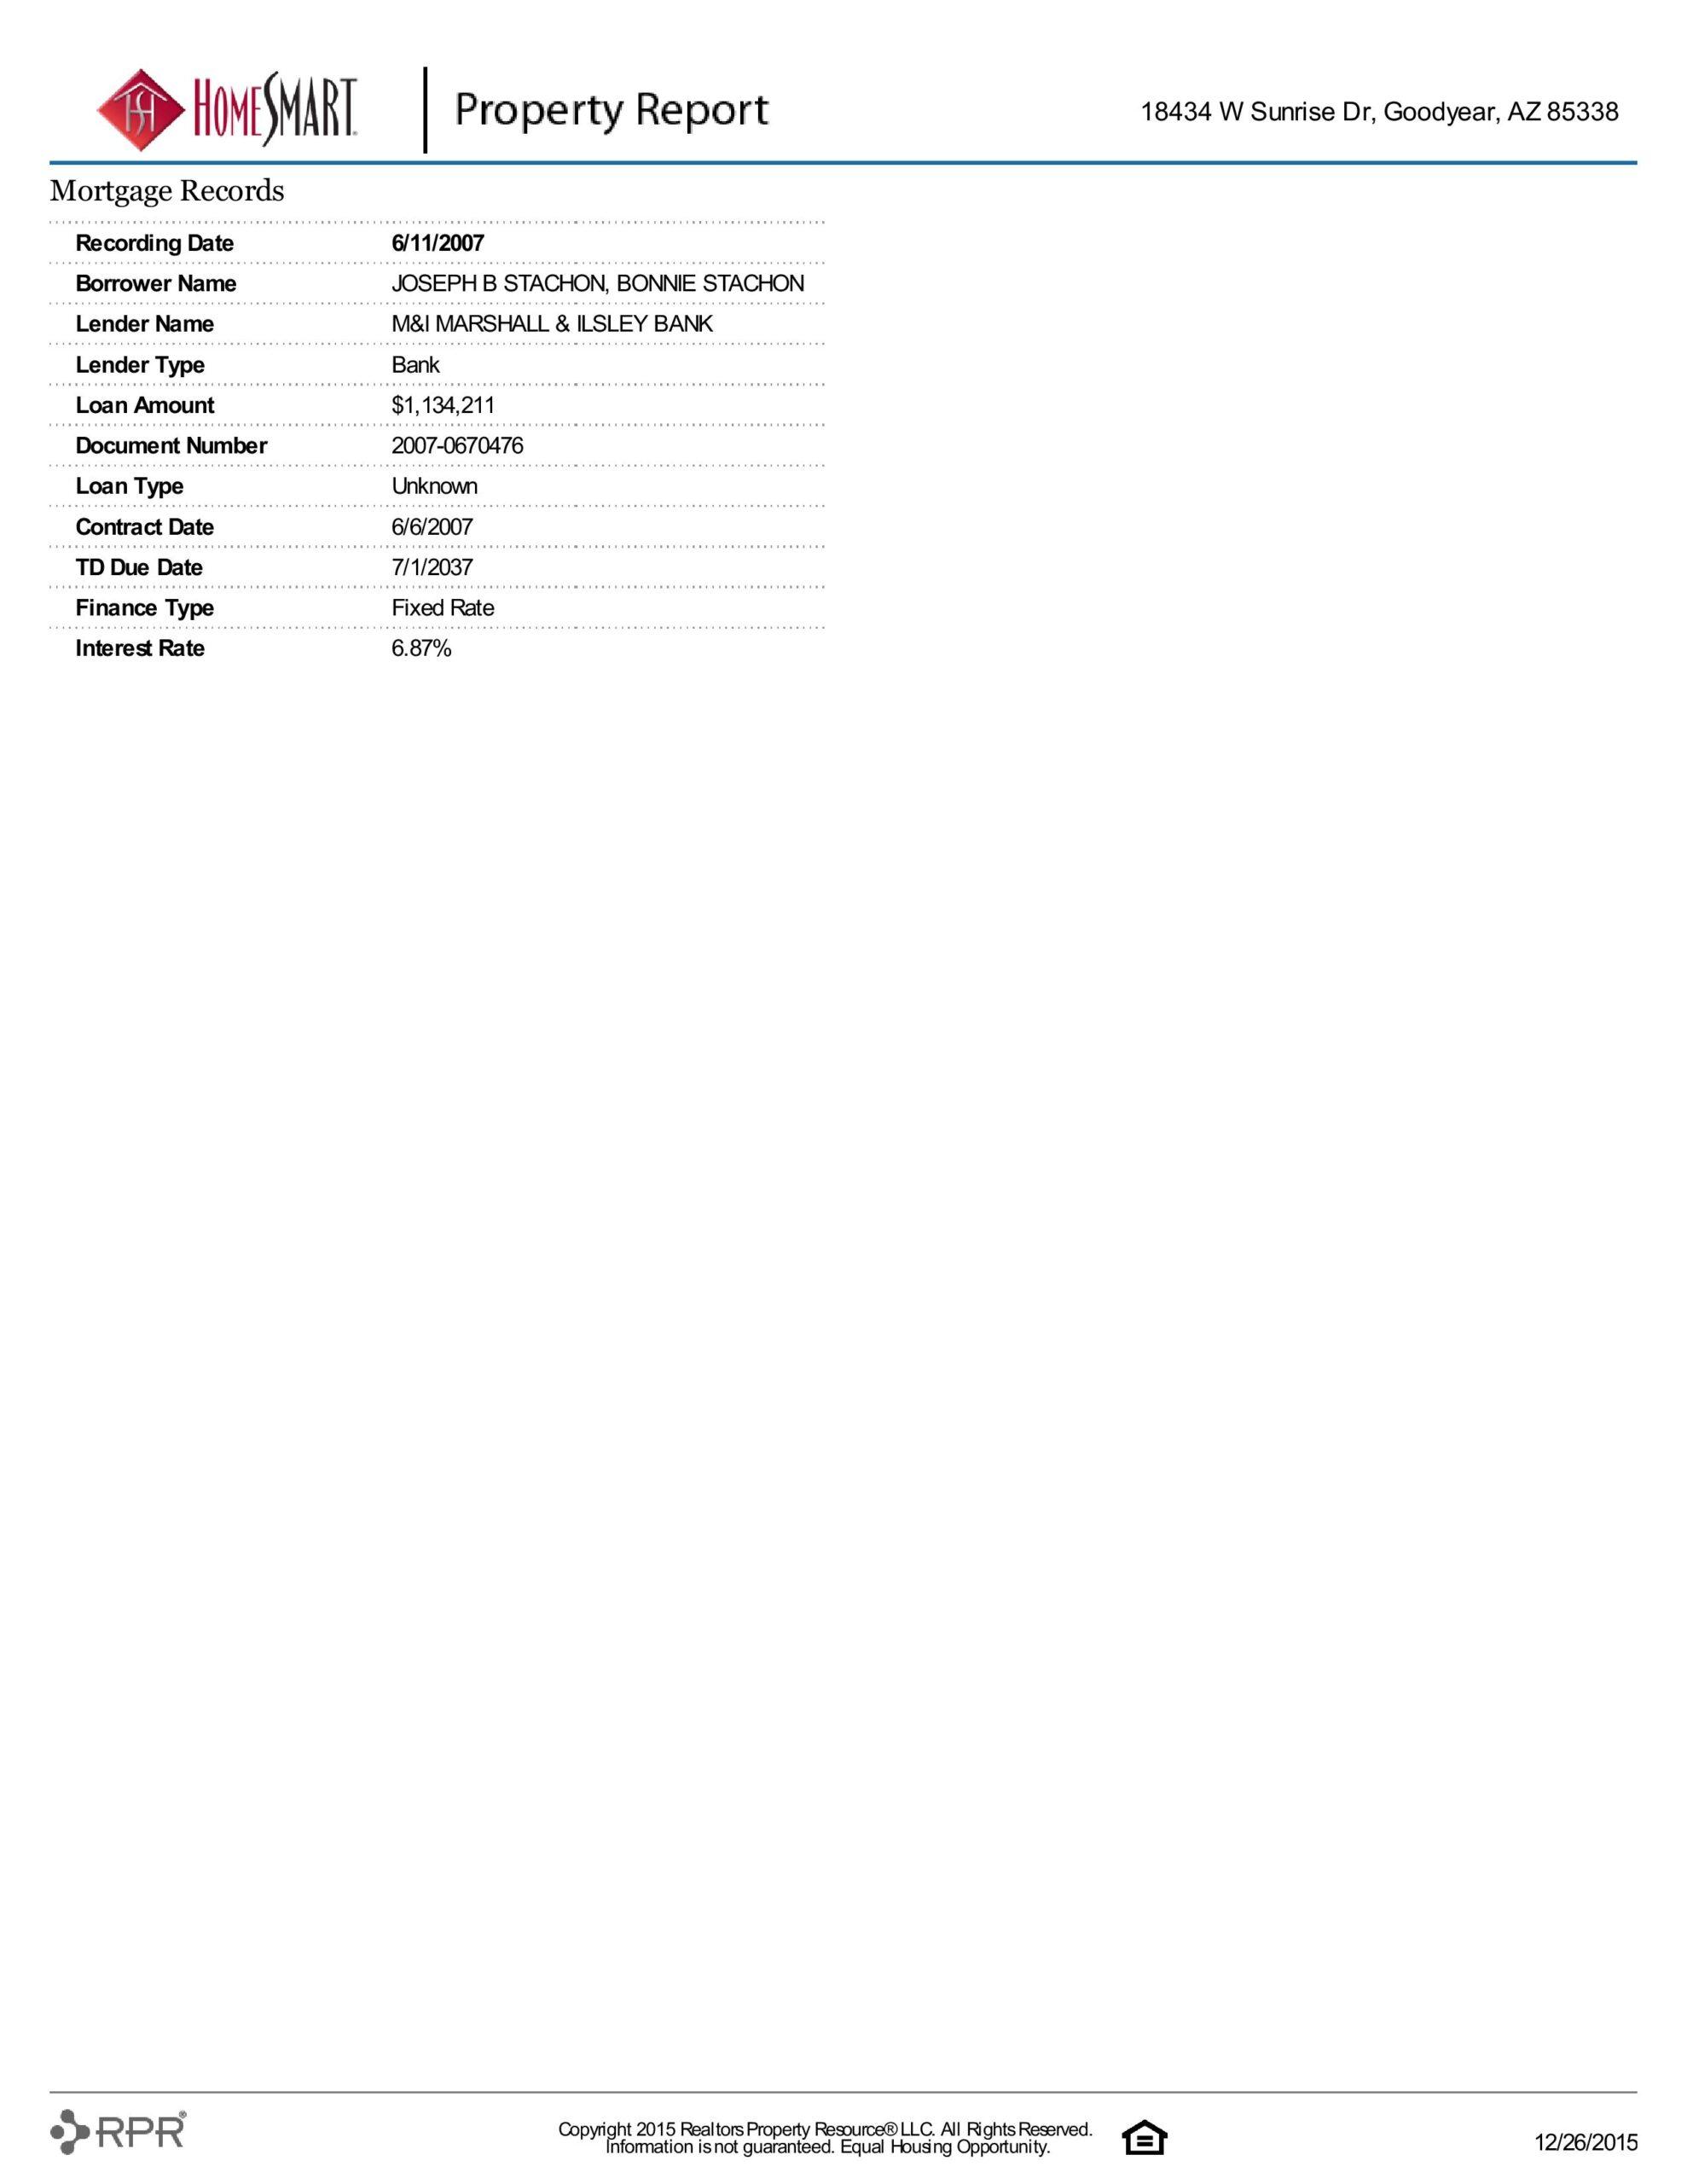 18434 W SUNRISE DR-page-012